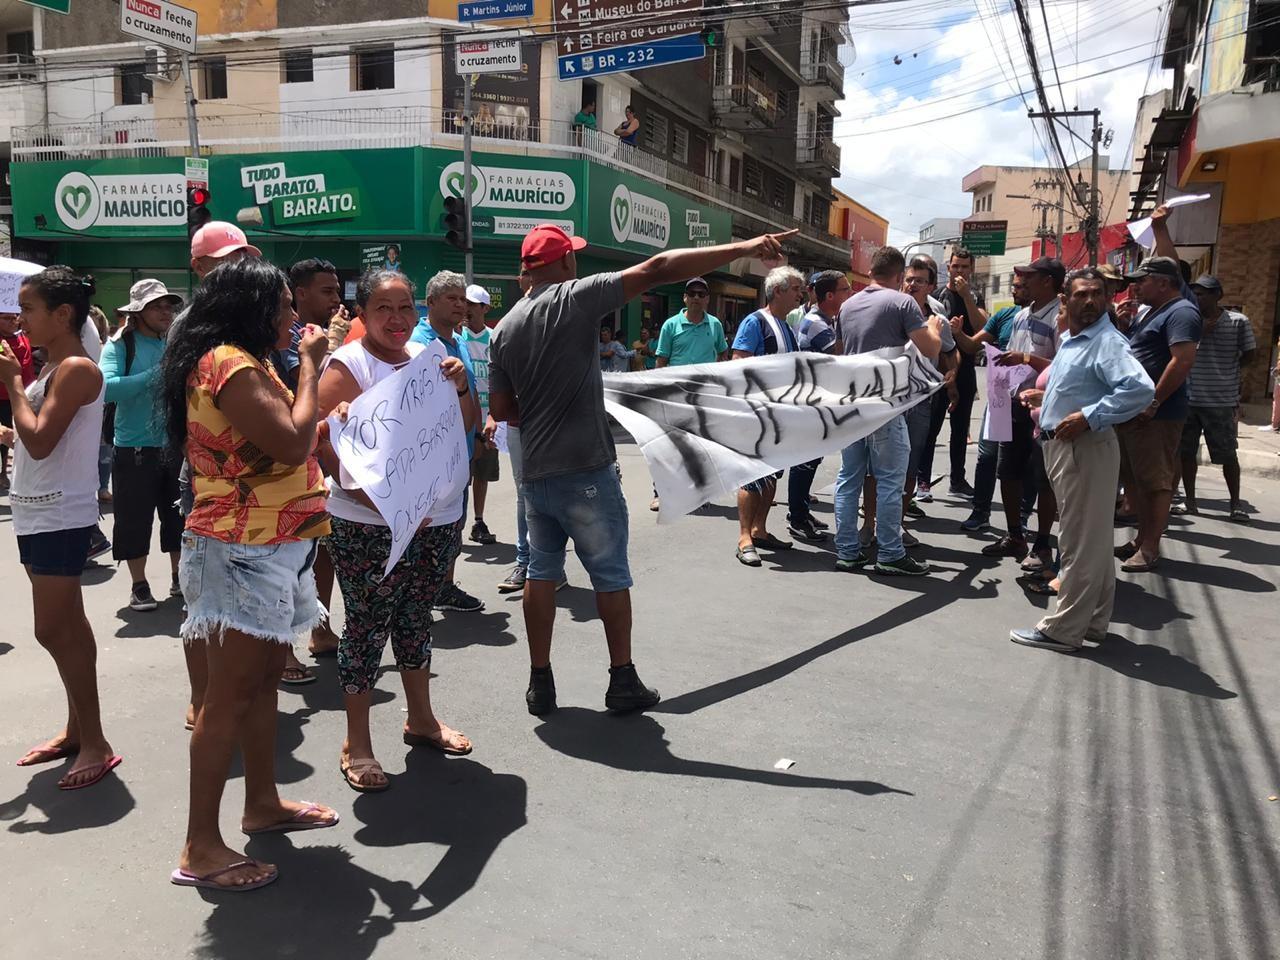 Vendedores ambulantes realizam protesto no Centro de Caruaru por mudança nos locais de trabalho - Notícias - Plantão Diário